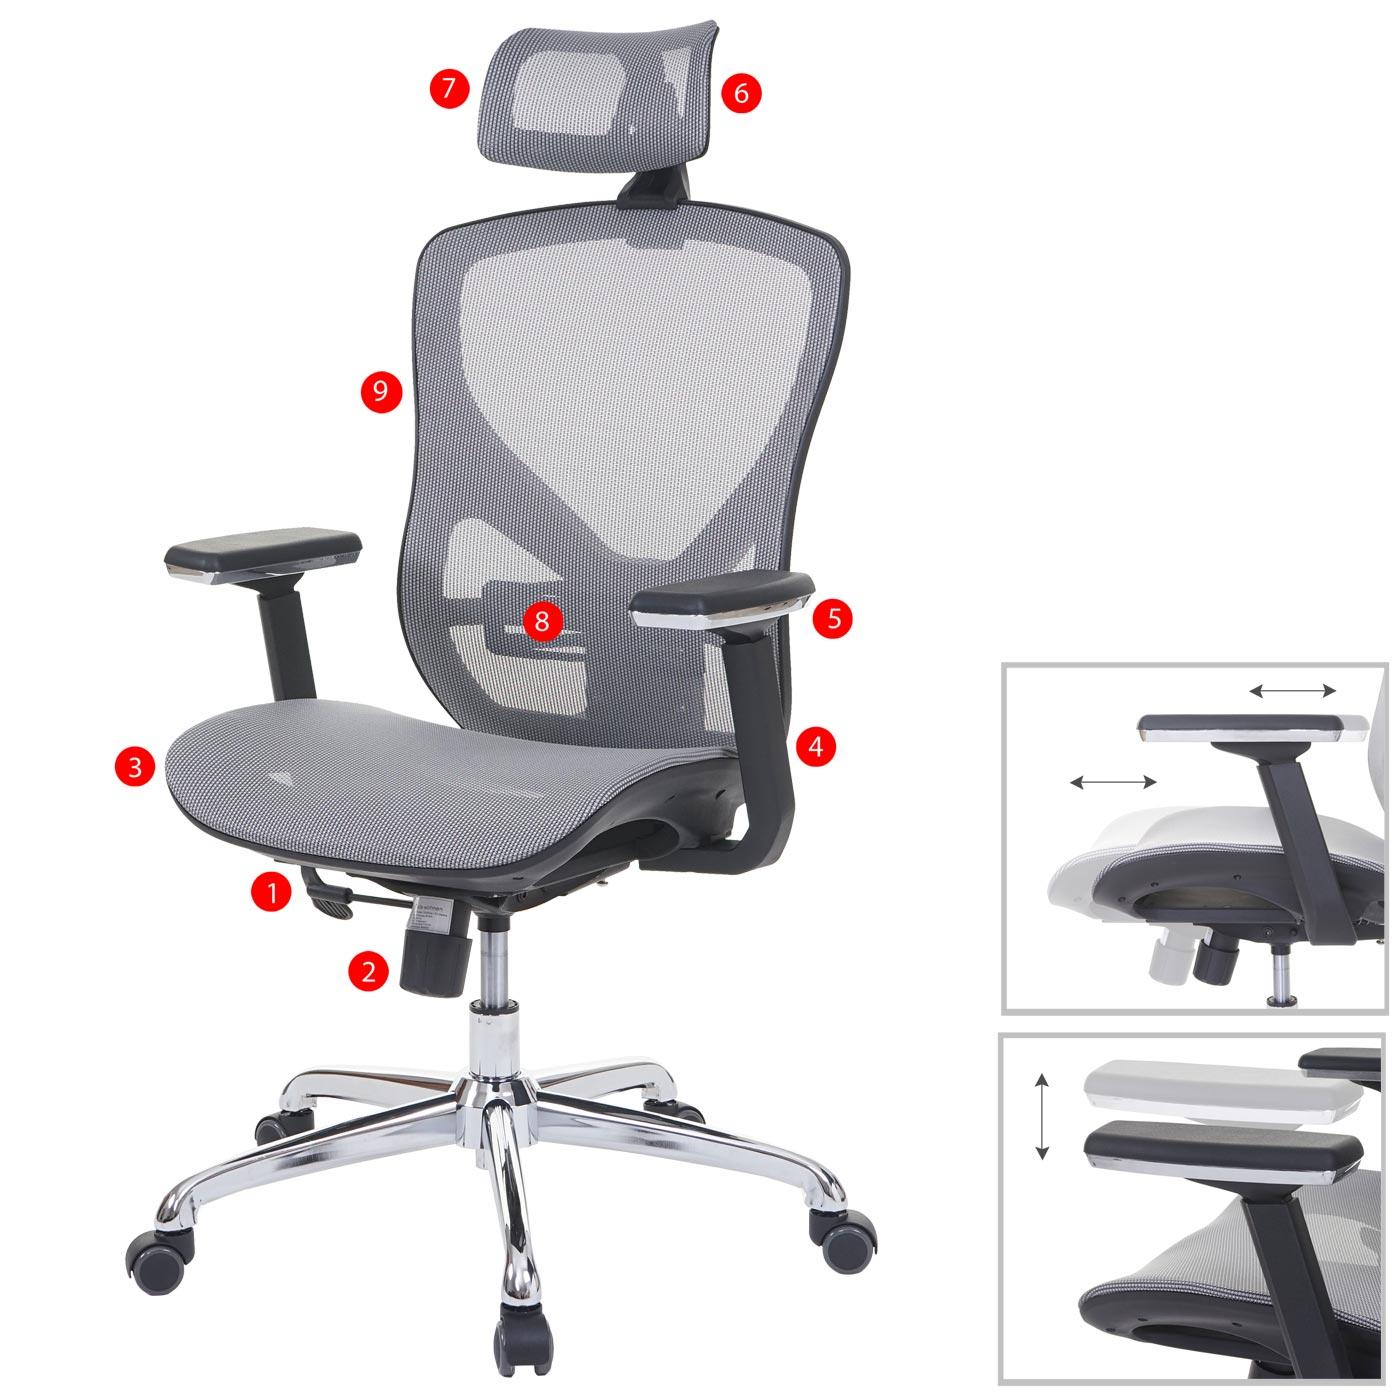 Bürostuhl HWC-A61, Schreibtischstuhl, Sliding-Funktion Textil ISO9001 ~ grau/grau